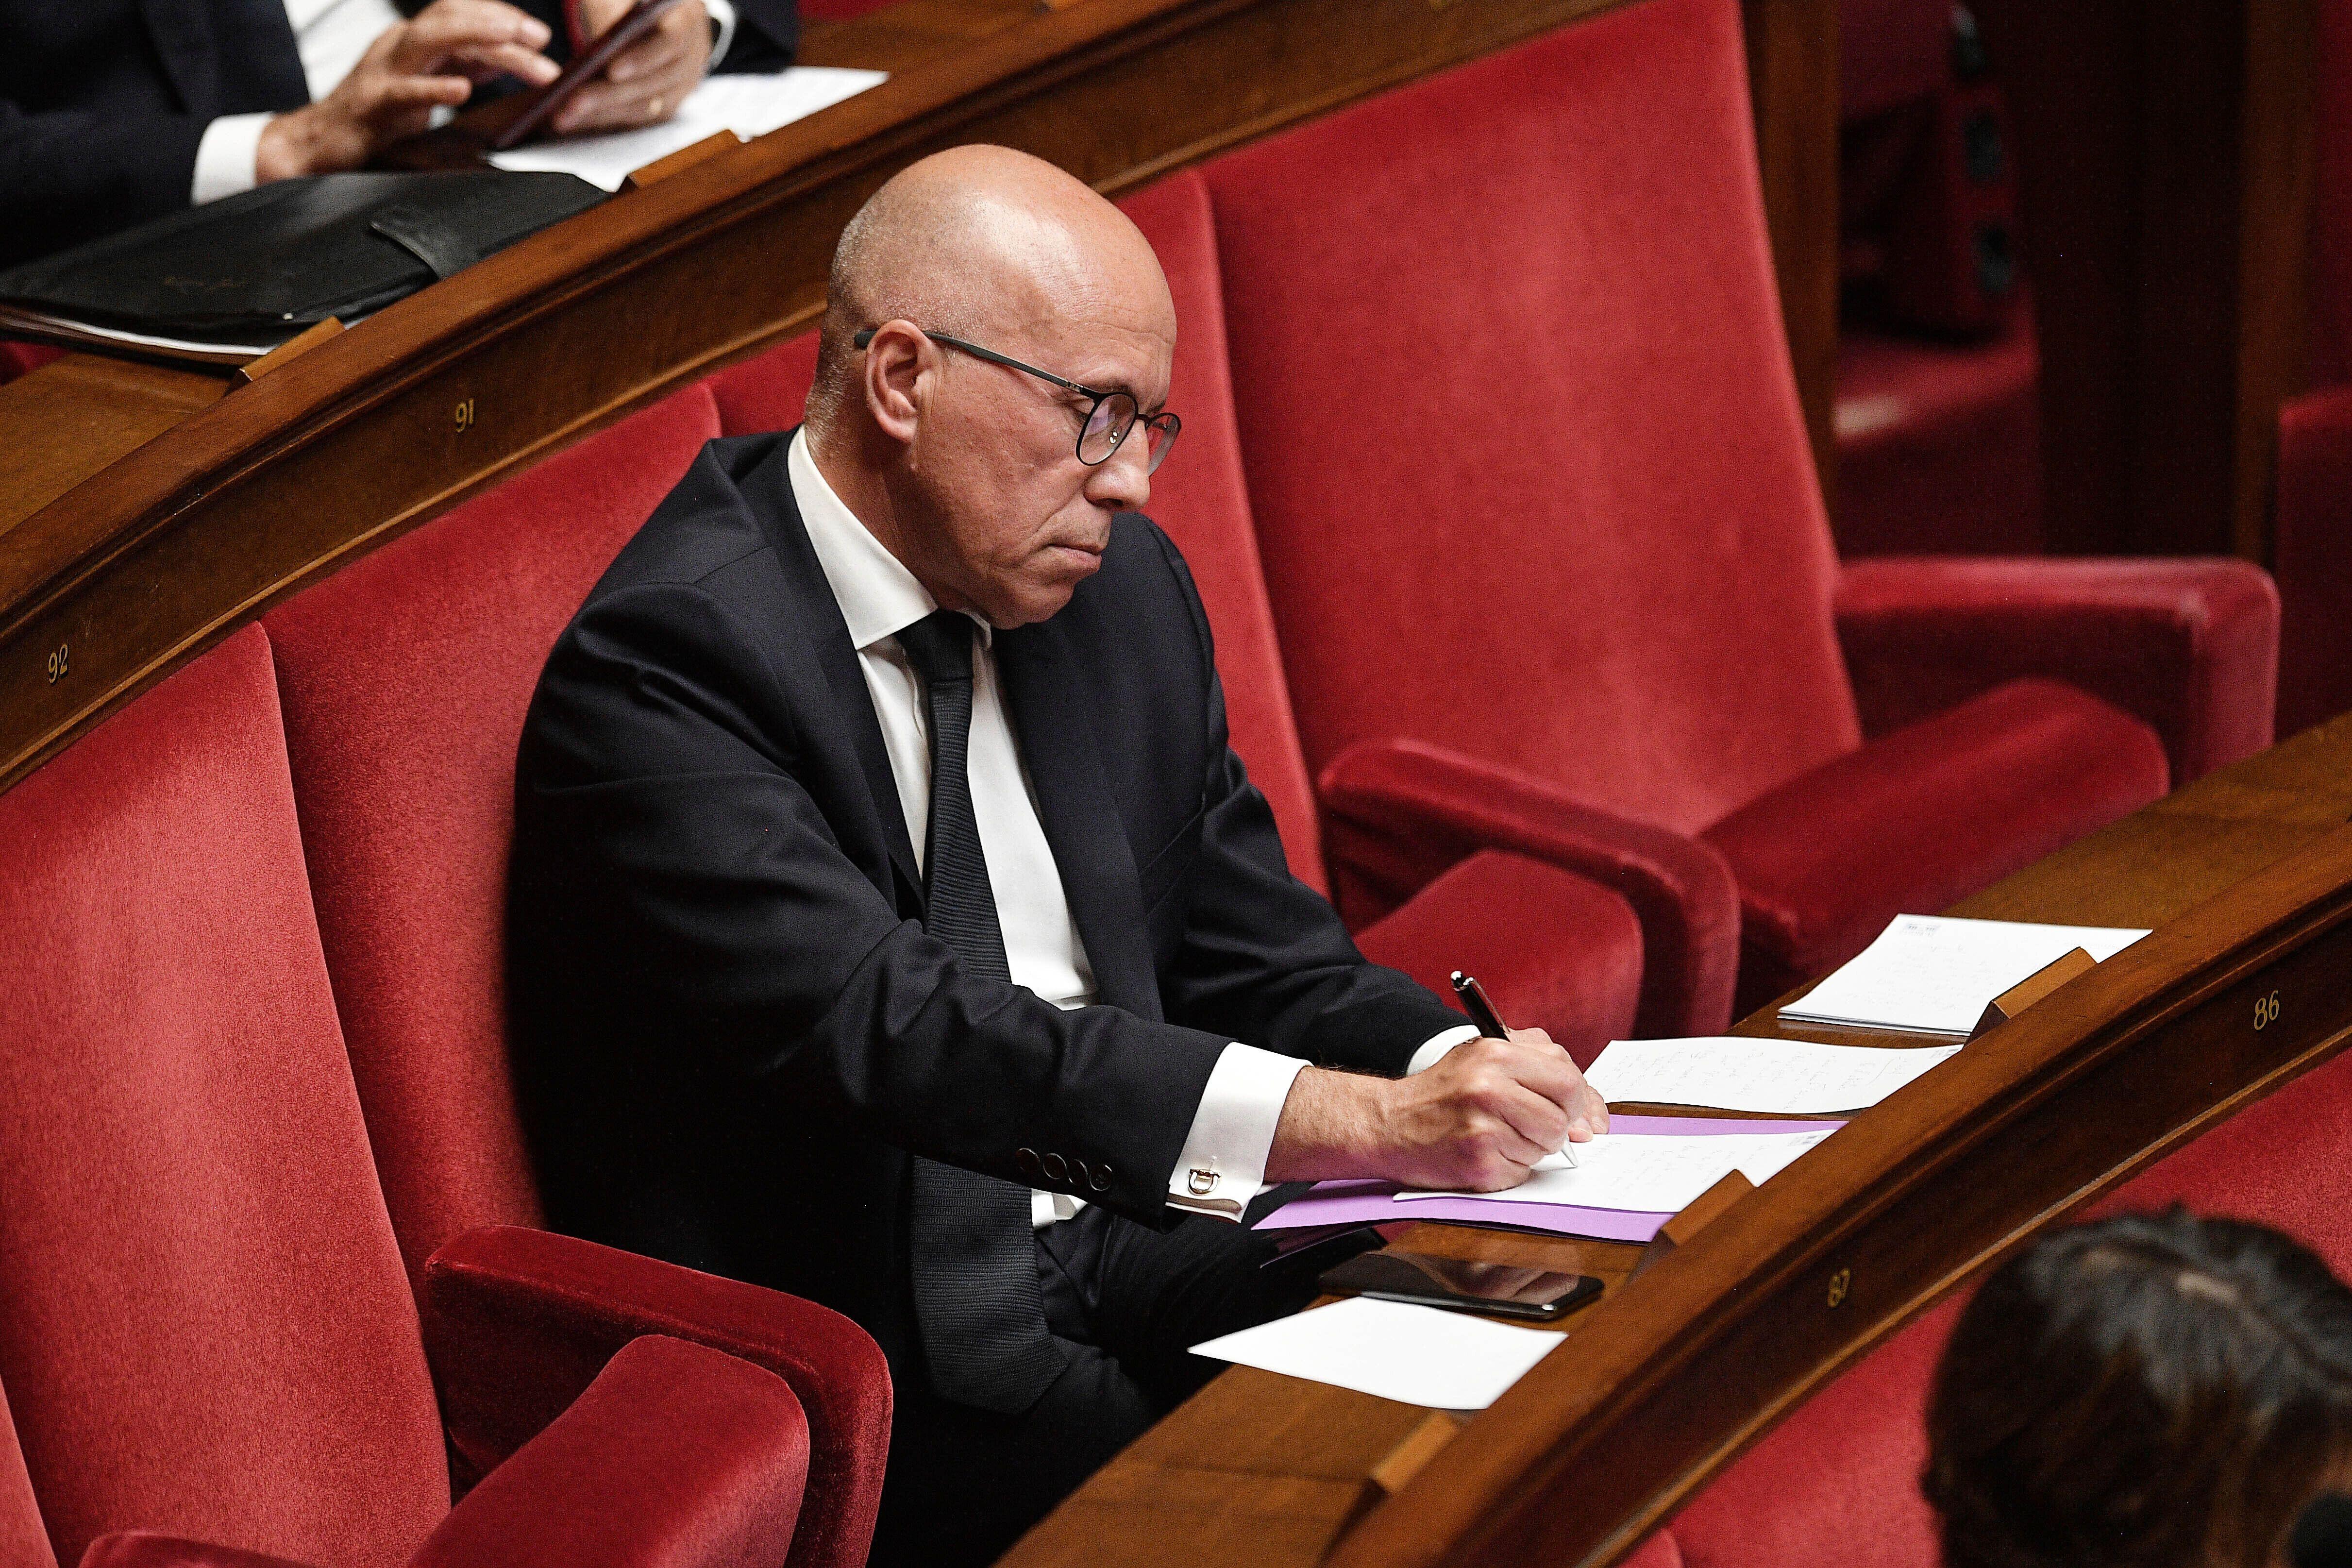 Éric Ciotti photographié à l'Assemblée nationale en avril 2020